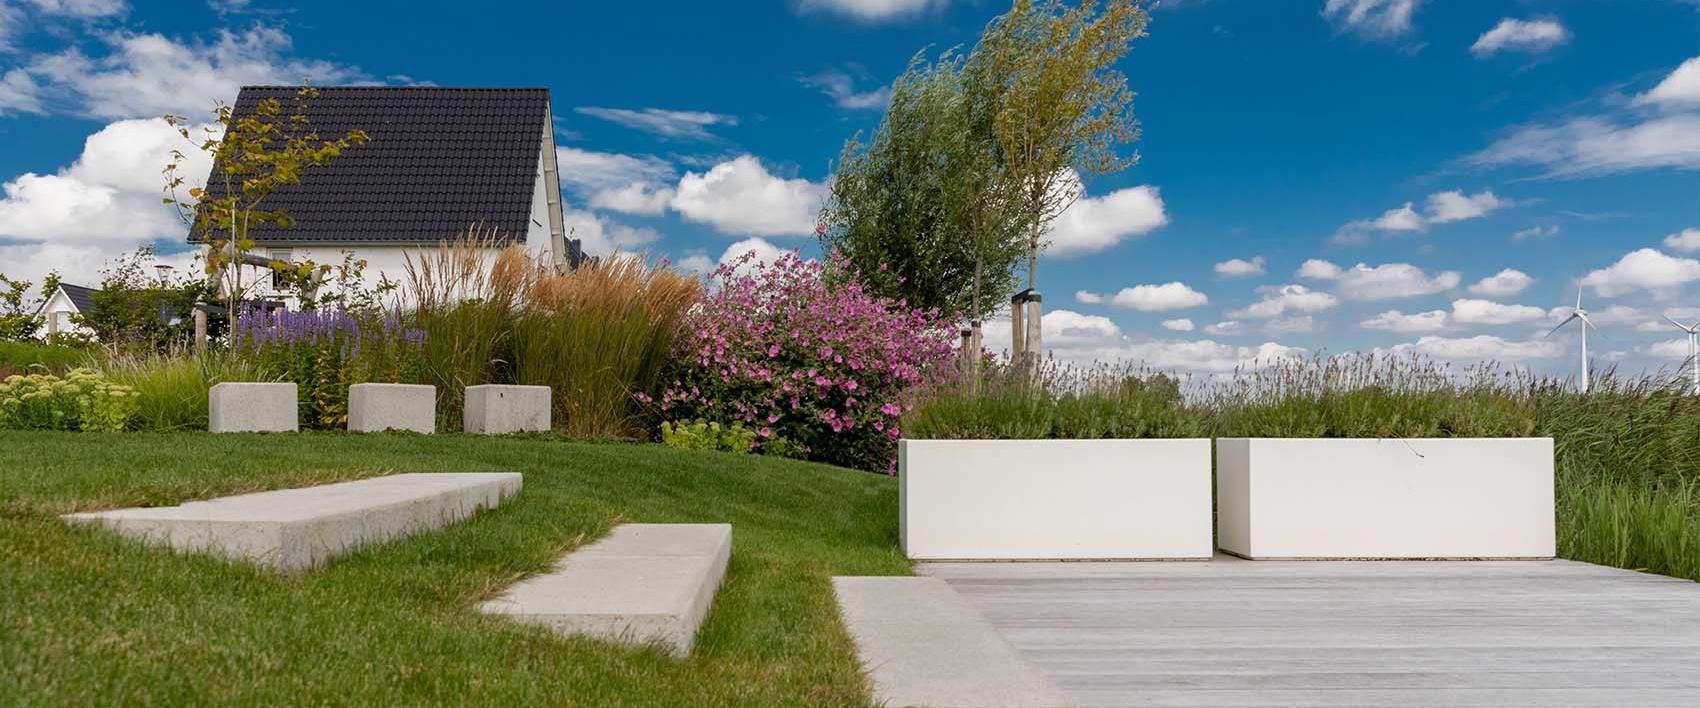 Tuinontwerp tuindesign Goudswaard Van der Waal Tuinen